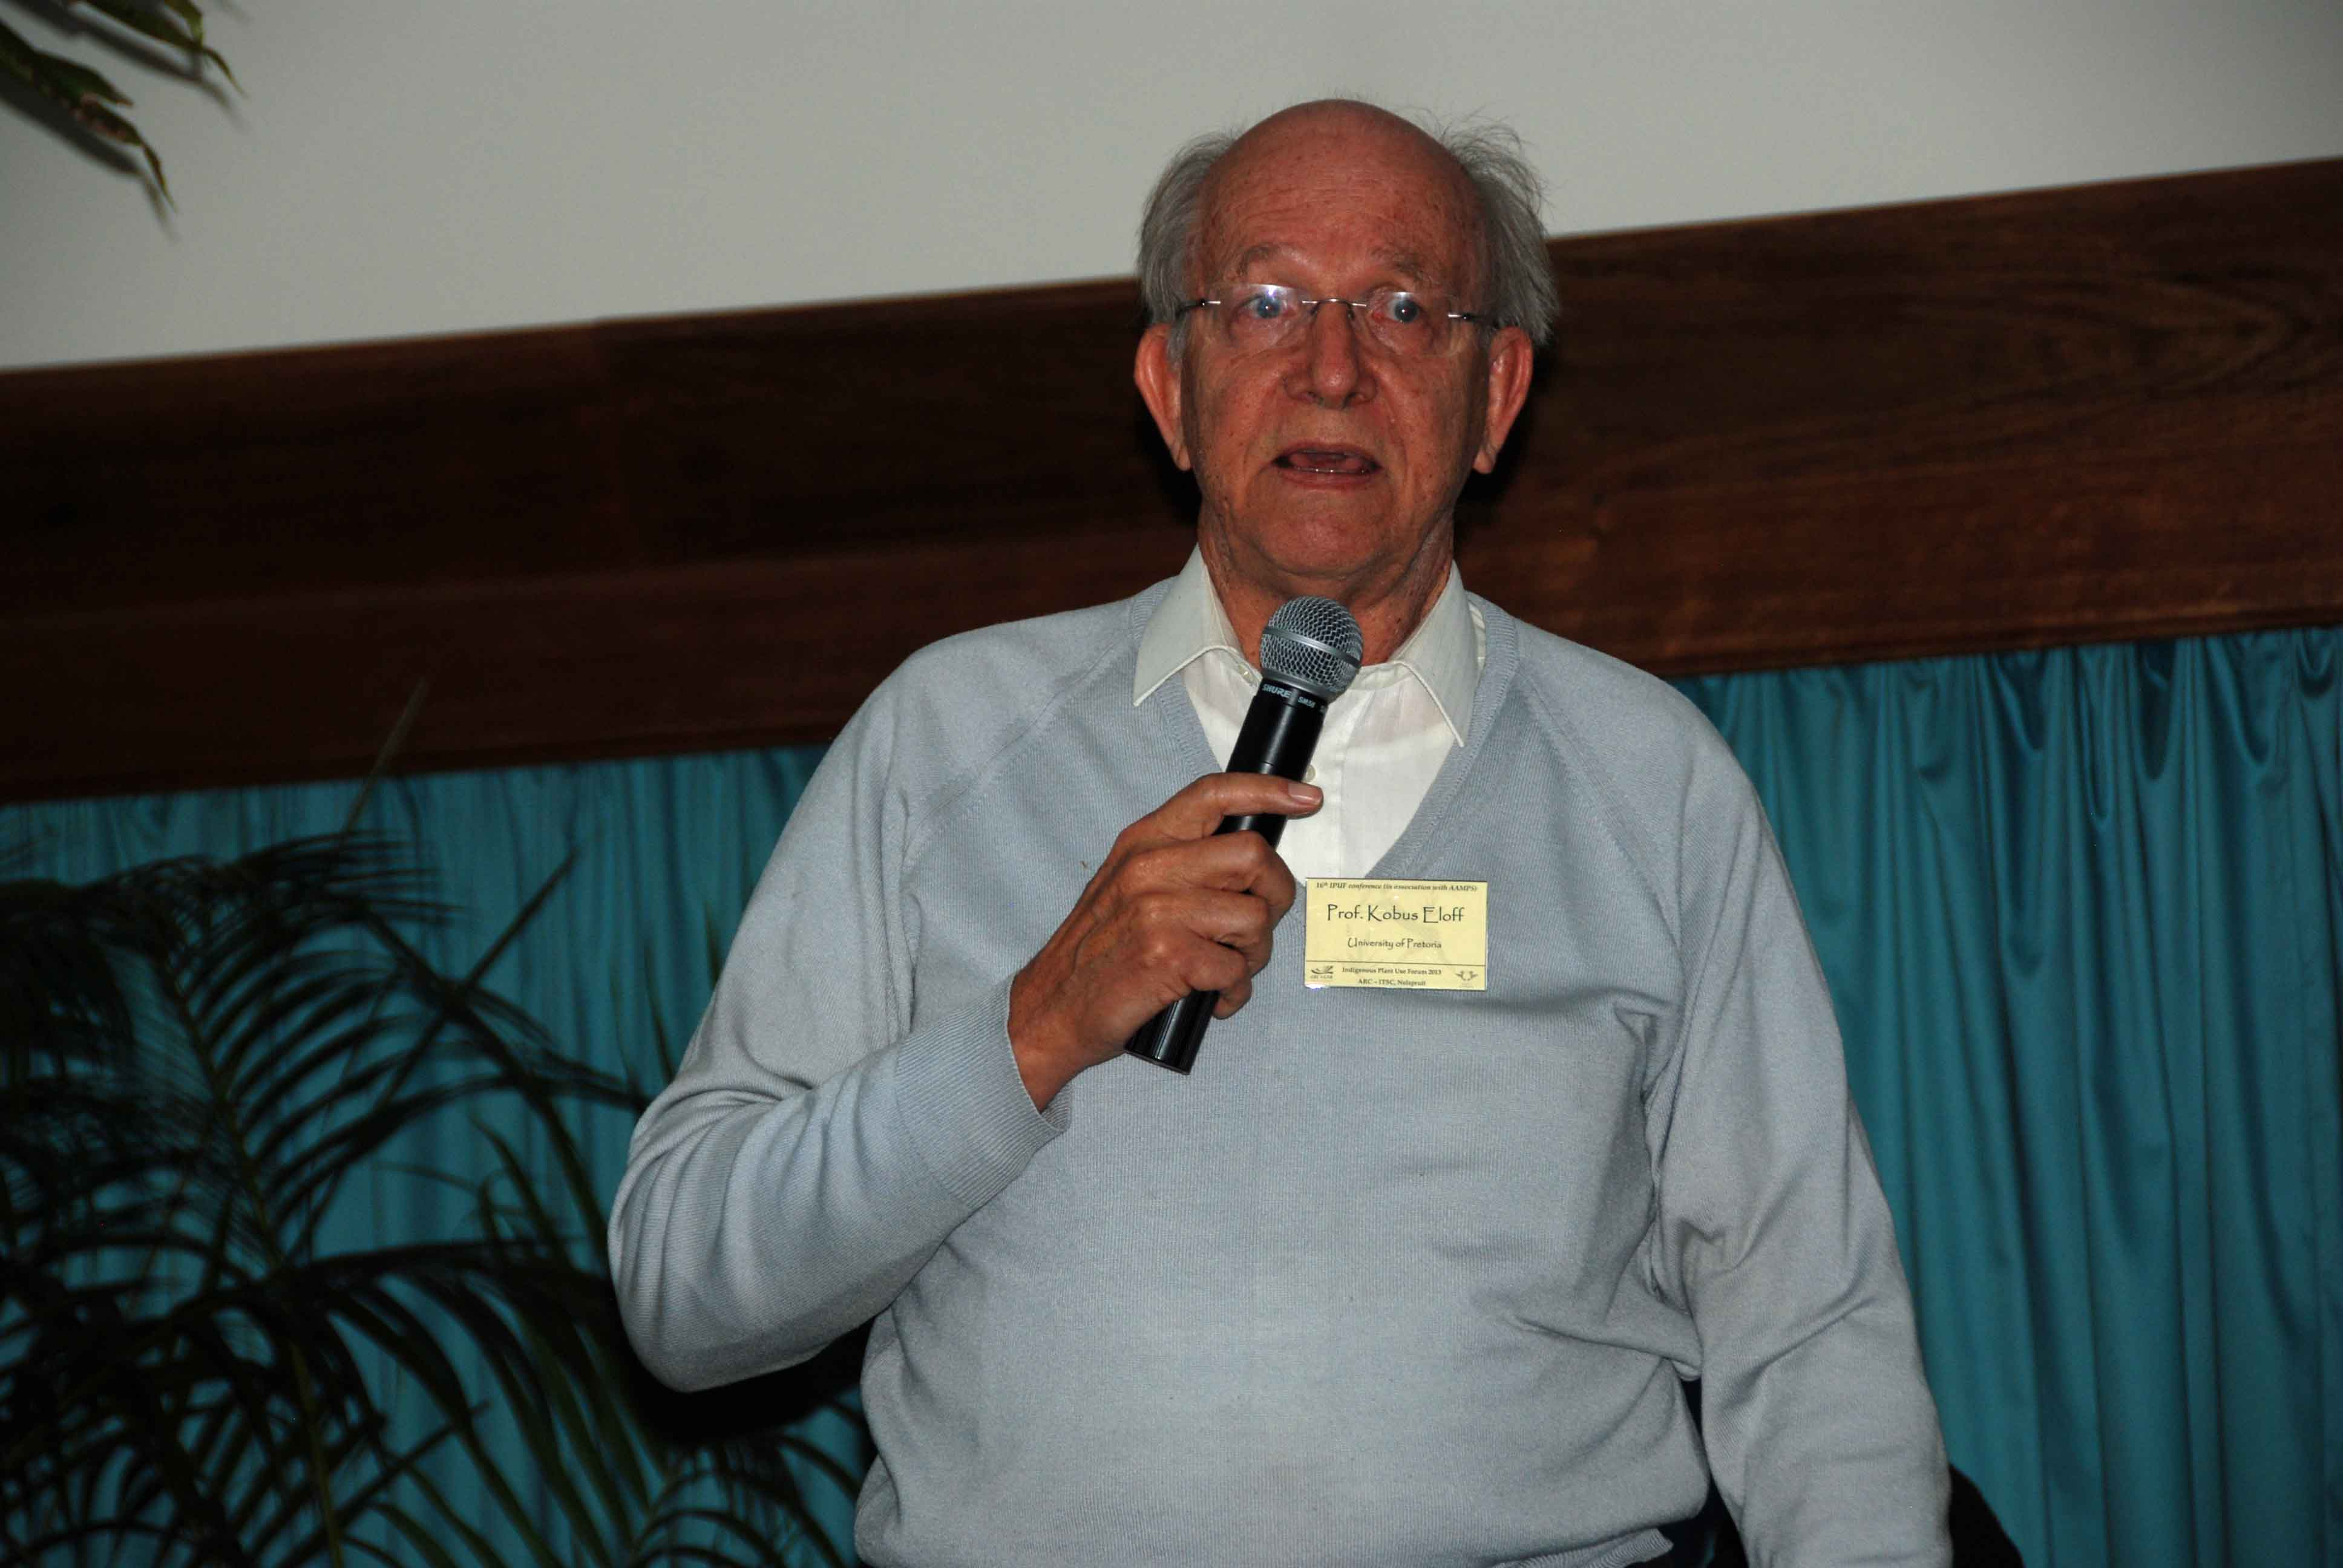 Prof Kobus Eloff